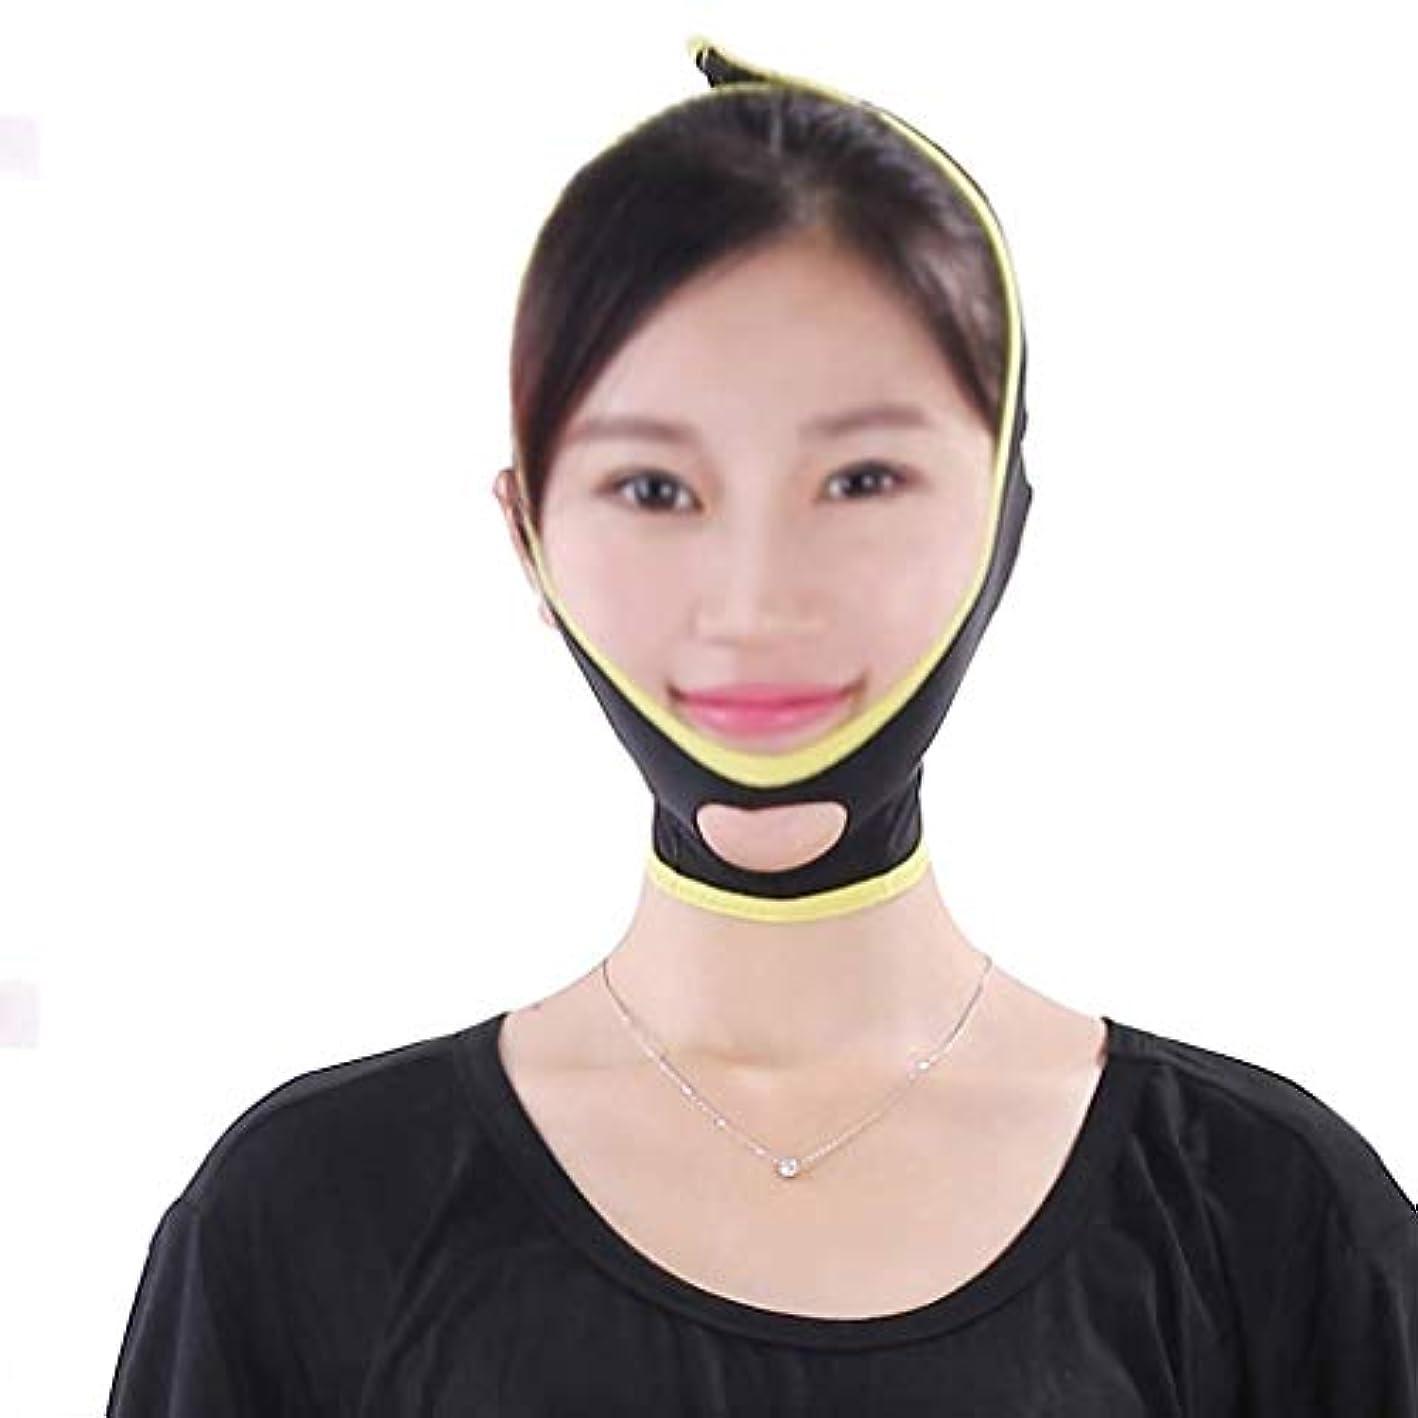 必要性翻訳する給料顔のマスク、男性と女性の顔リフティングアーティファクト包帯美容リフティング引き締めサイズV顔ダブルチン睡眠マスク埋め込みシルク彫刻Slim身ベルト(サイズ:M)